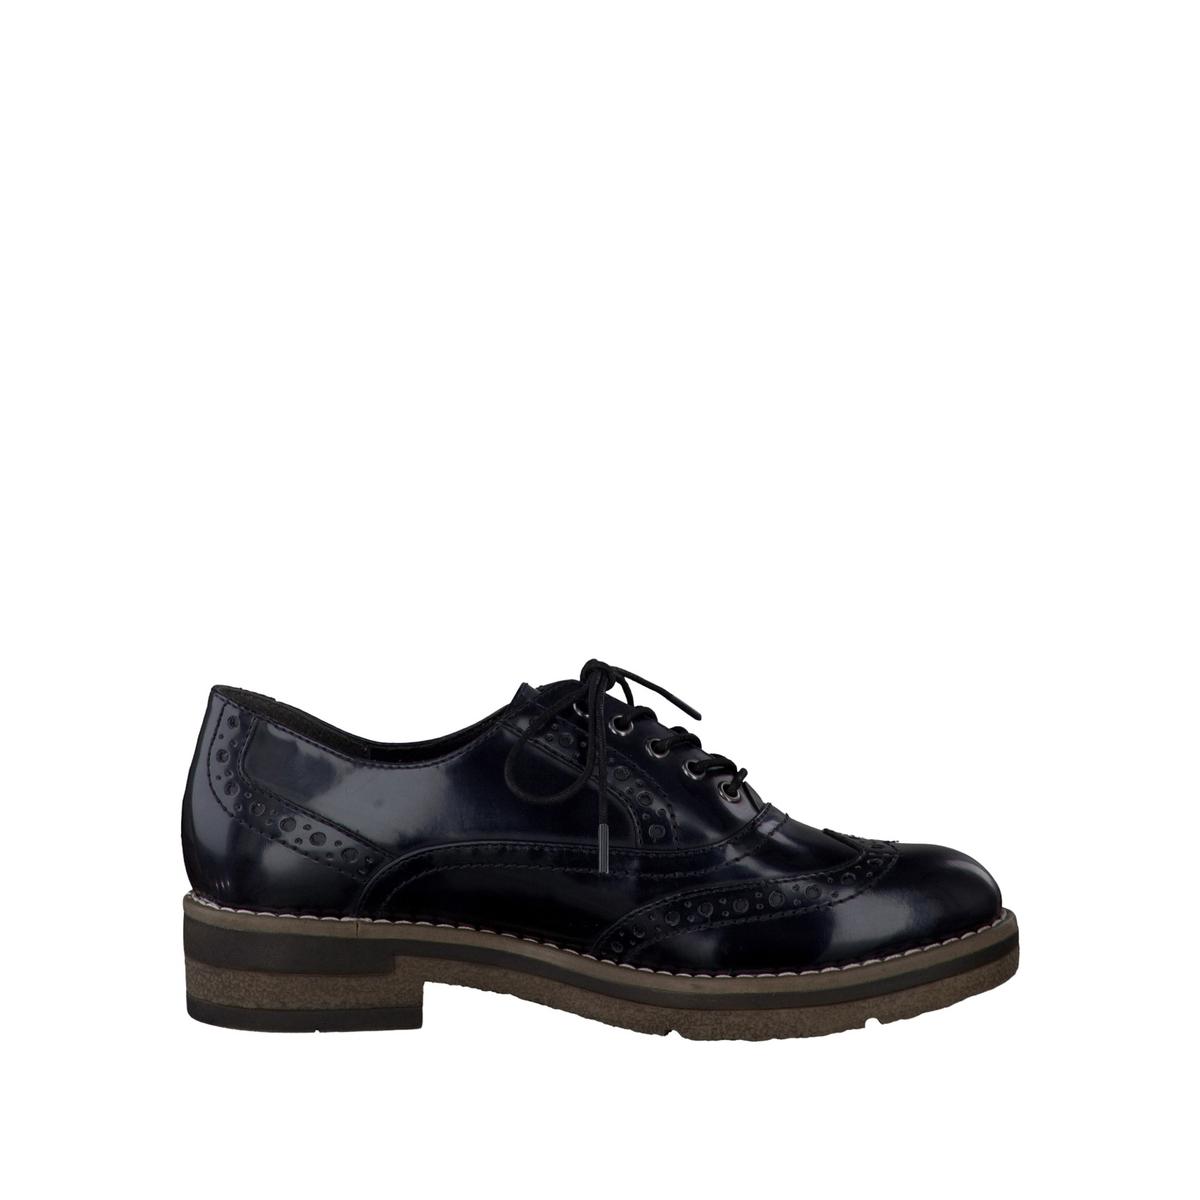 Ботинки-дерби  23316-37